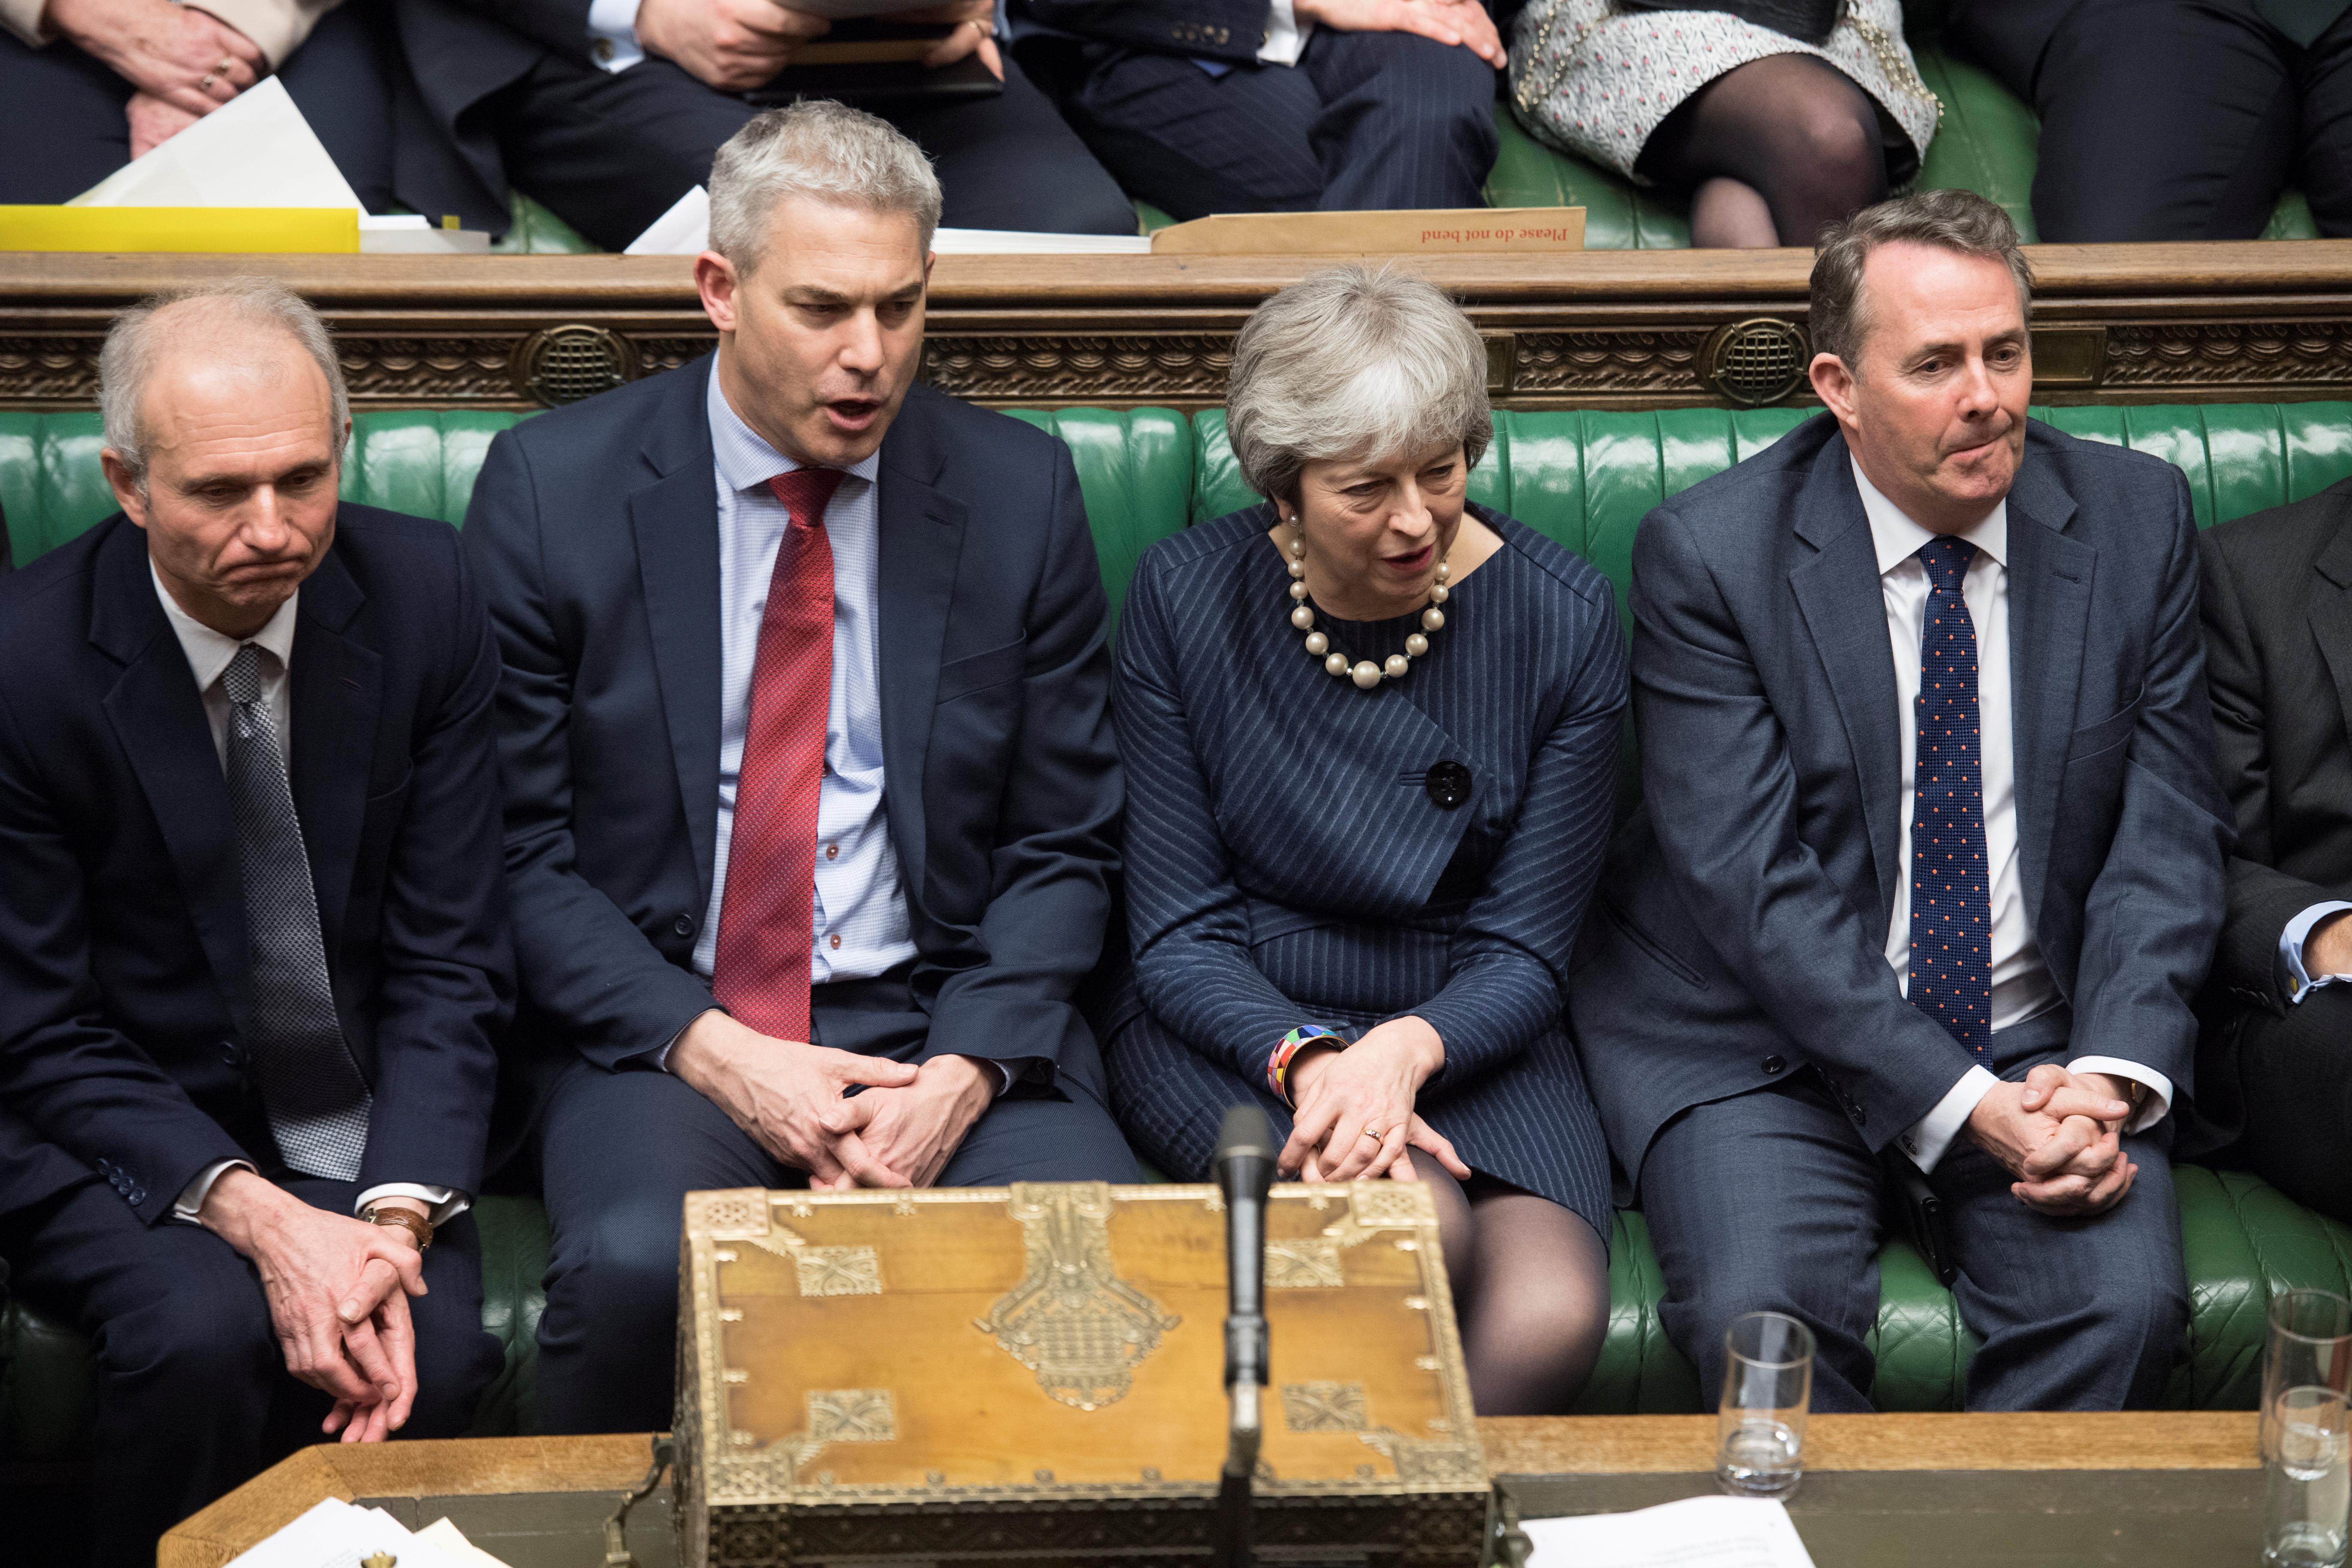 Rouca e desautorizada, May continua determinada à frente do governo